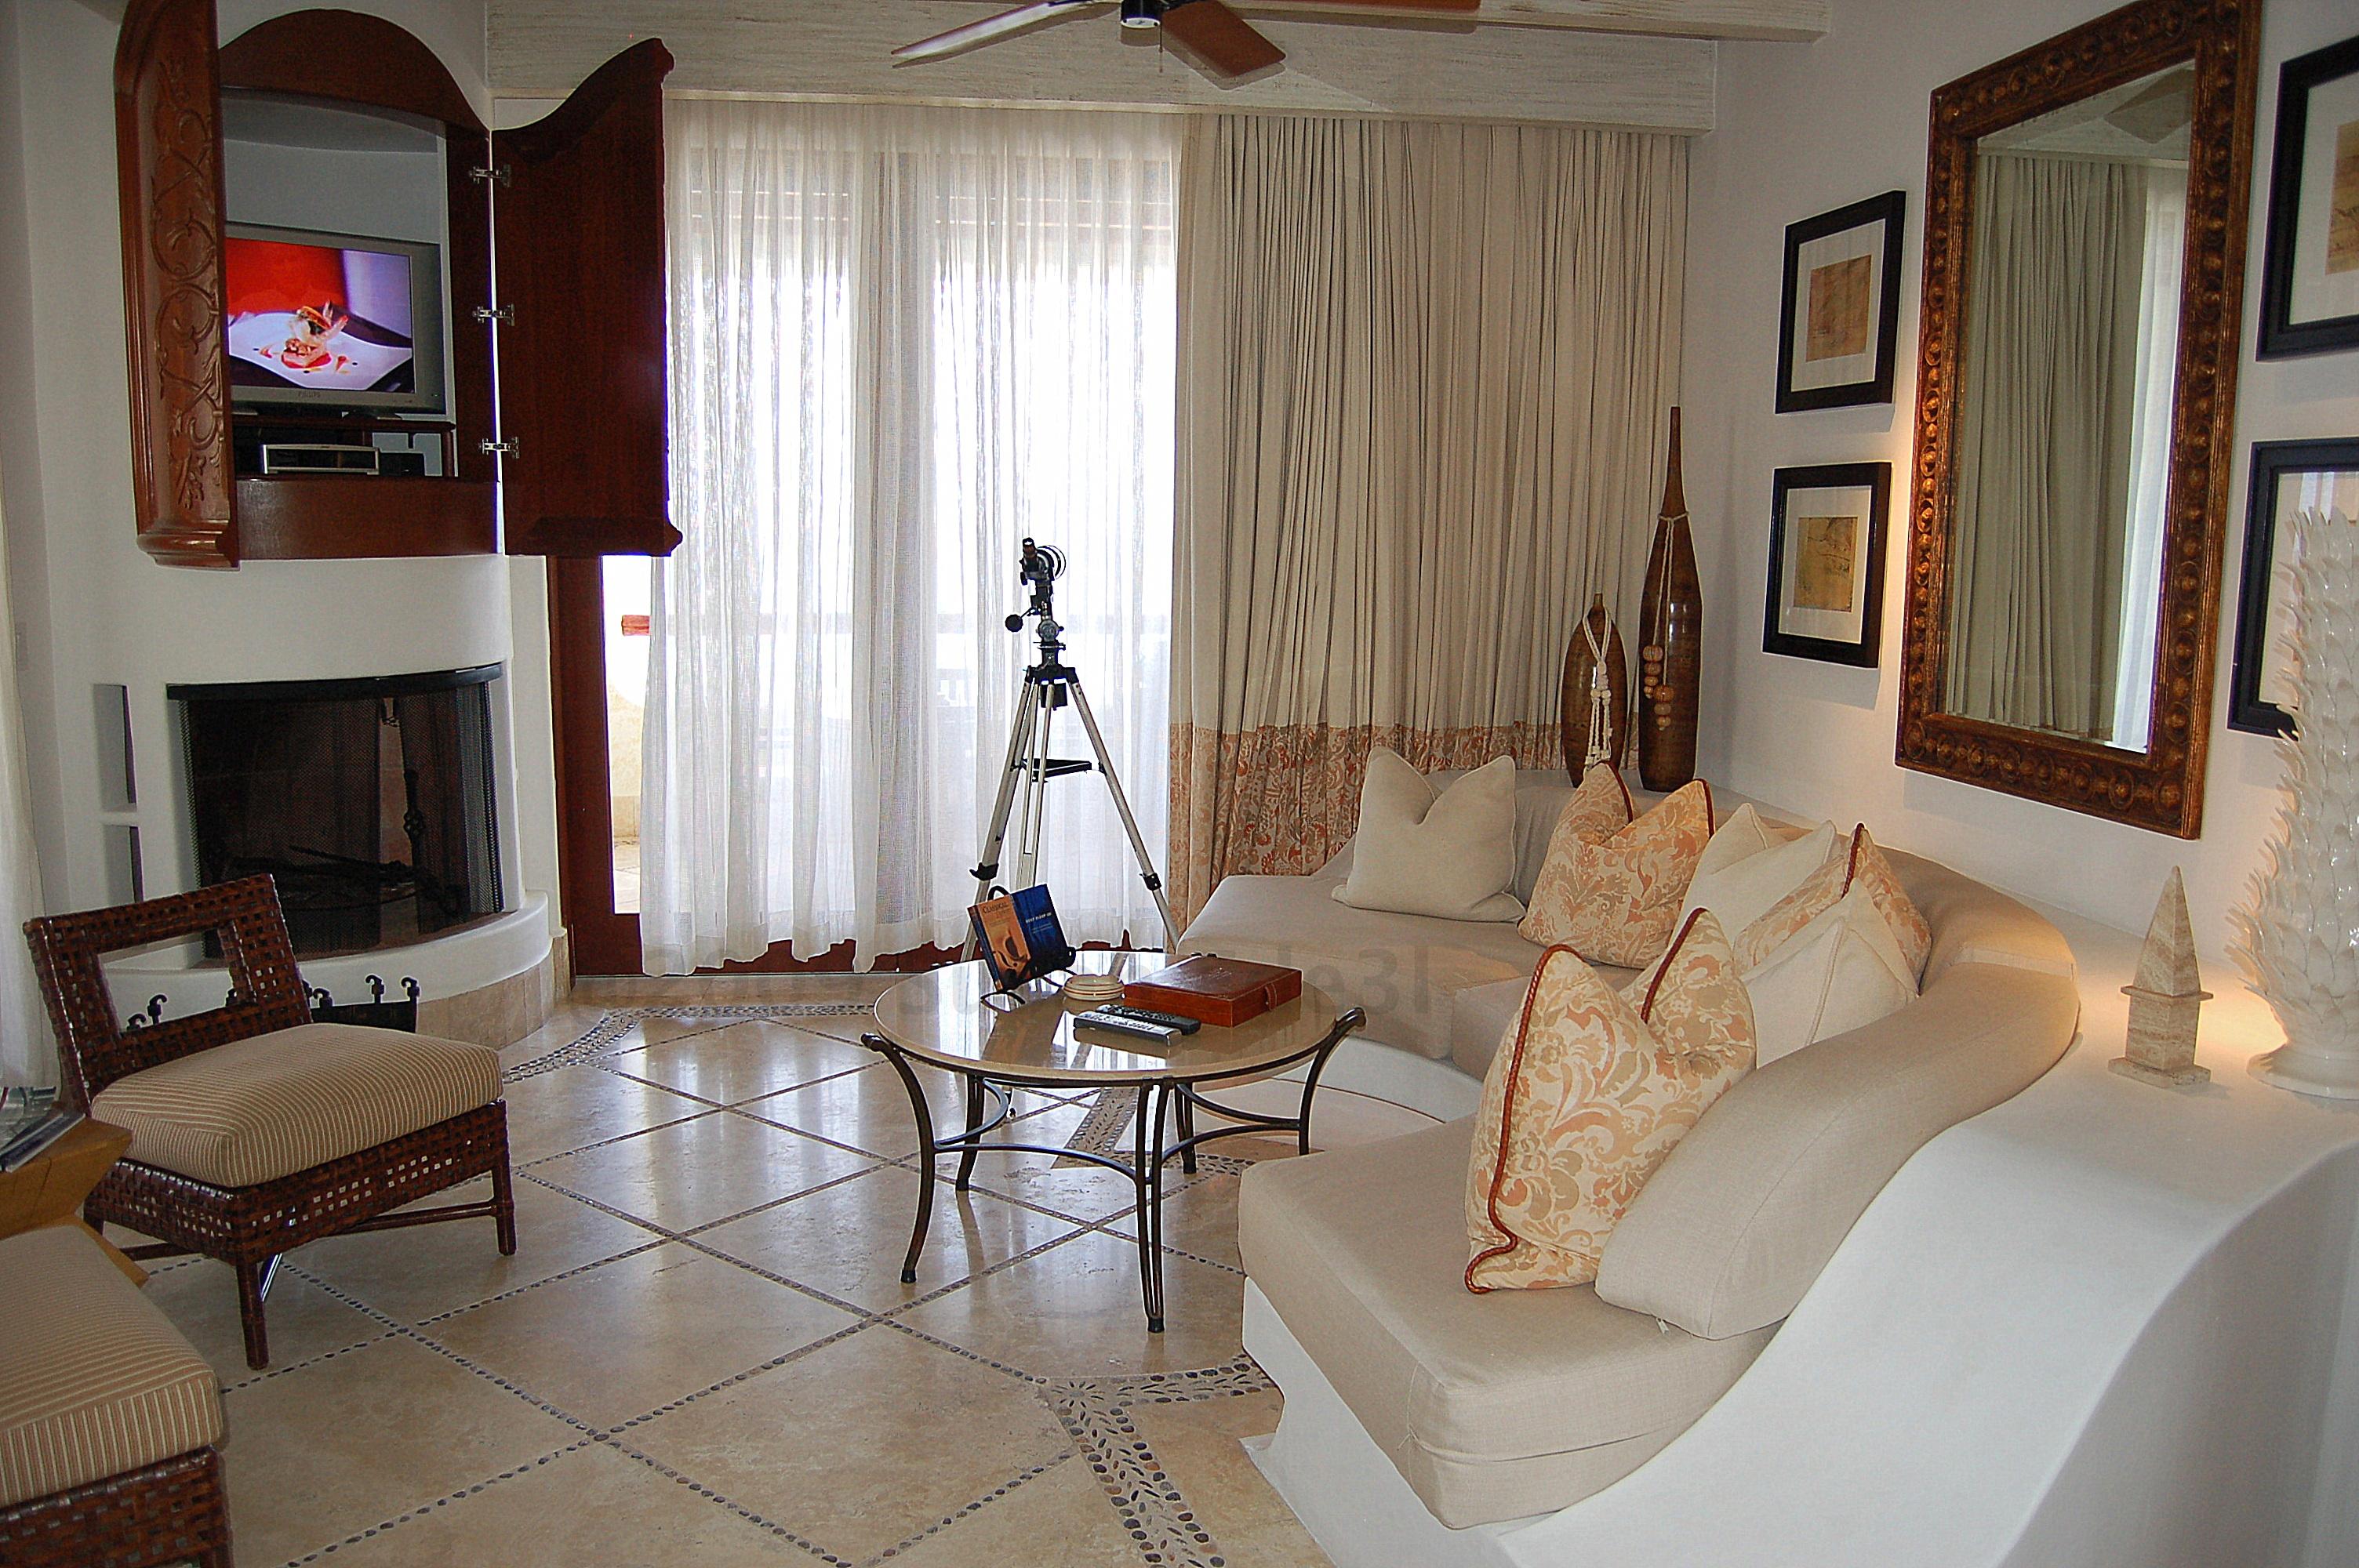 Las Ventanas Gallery – No Ordinary Resort